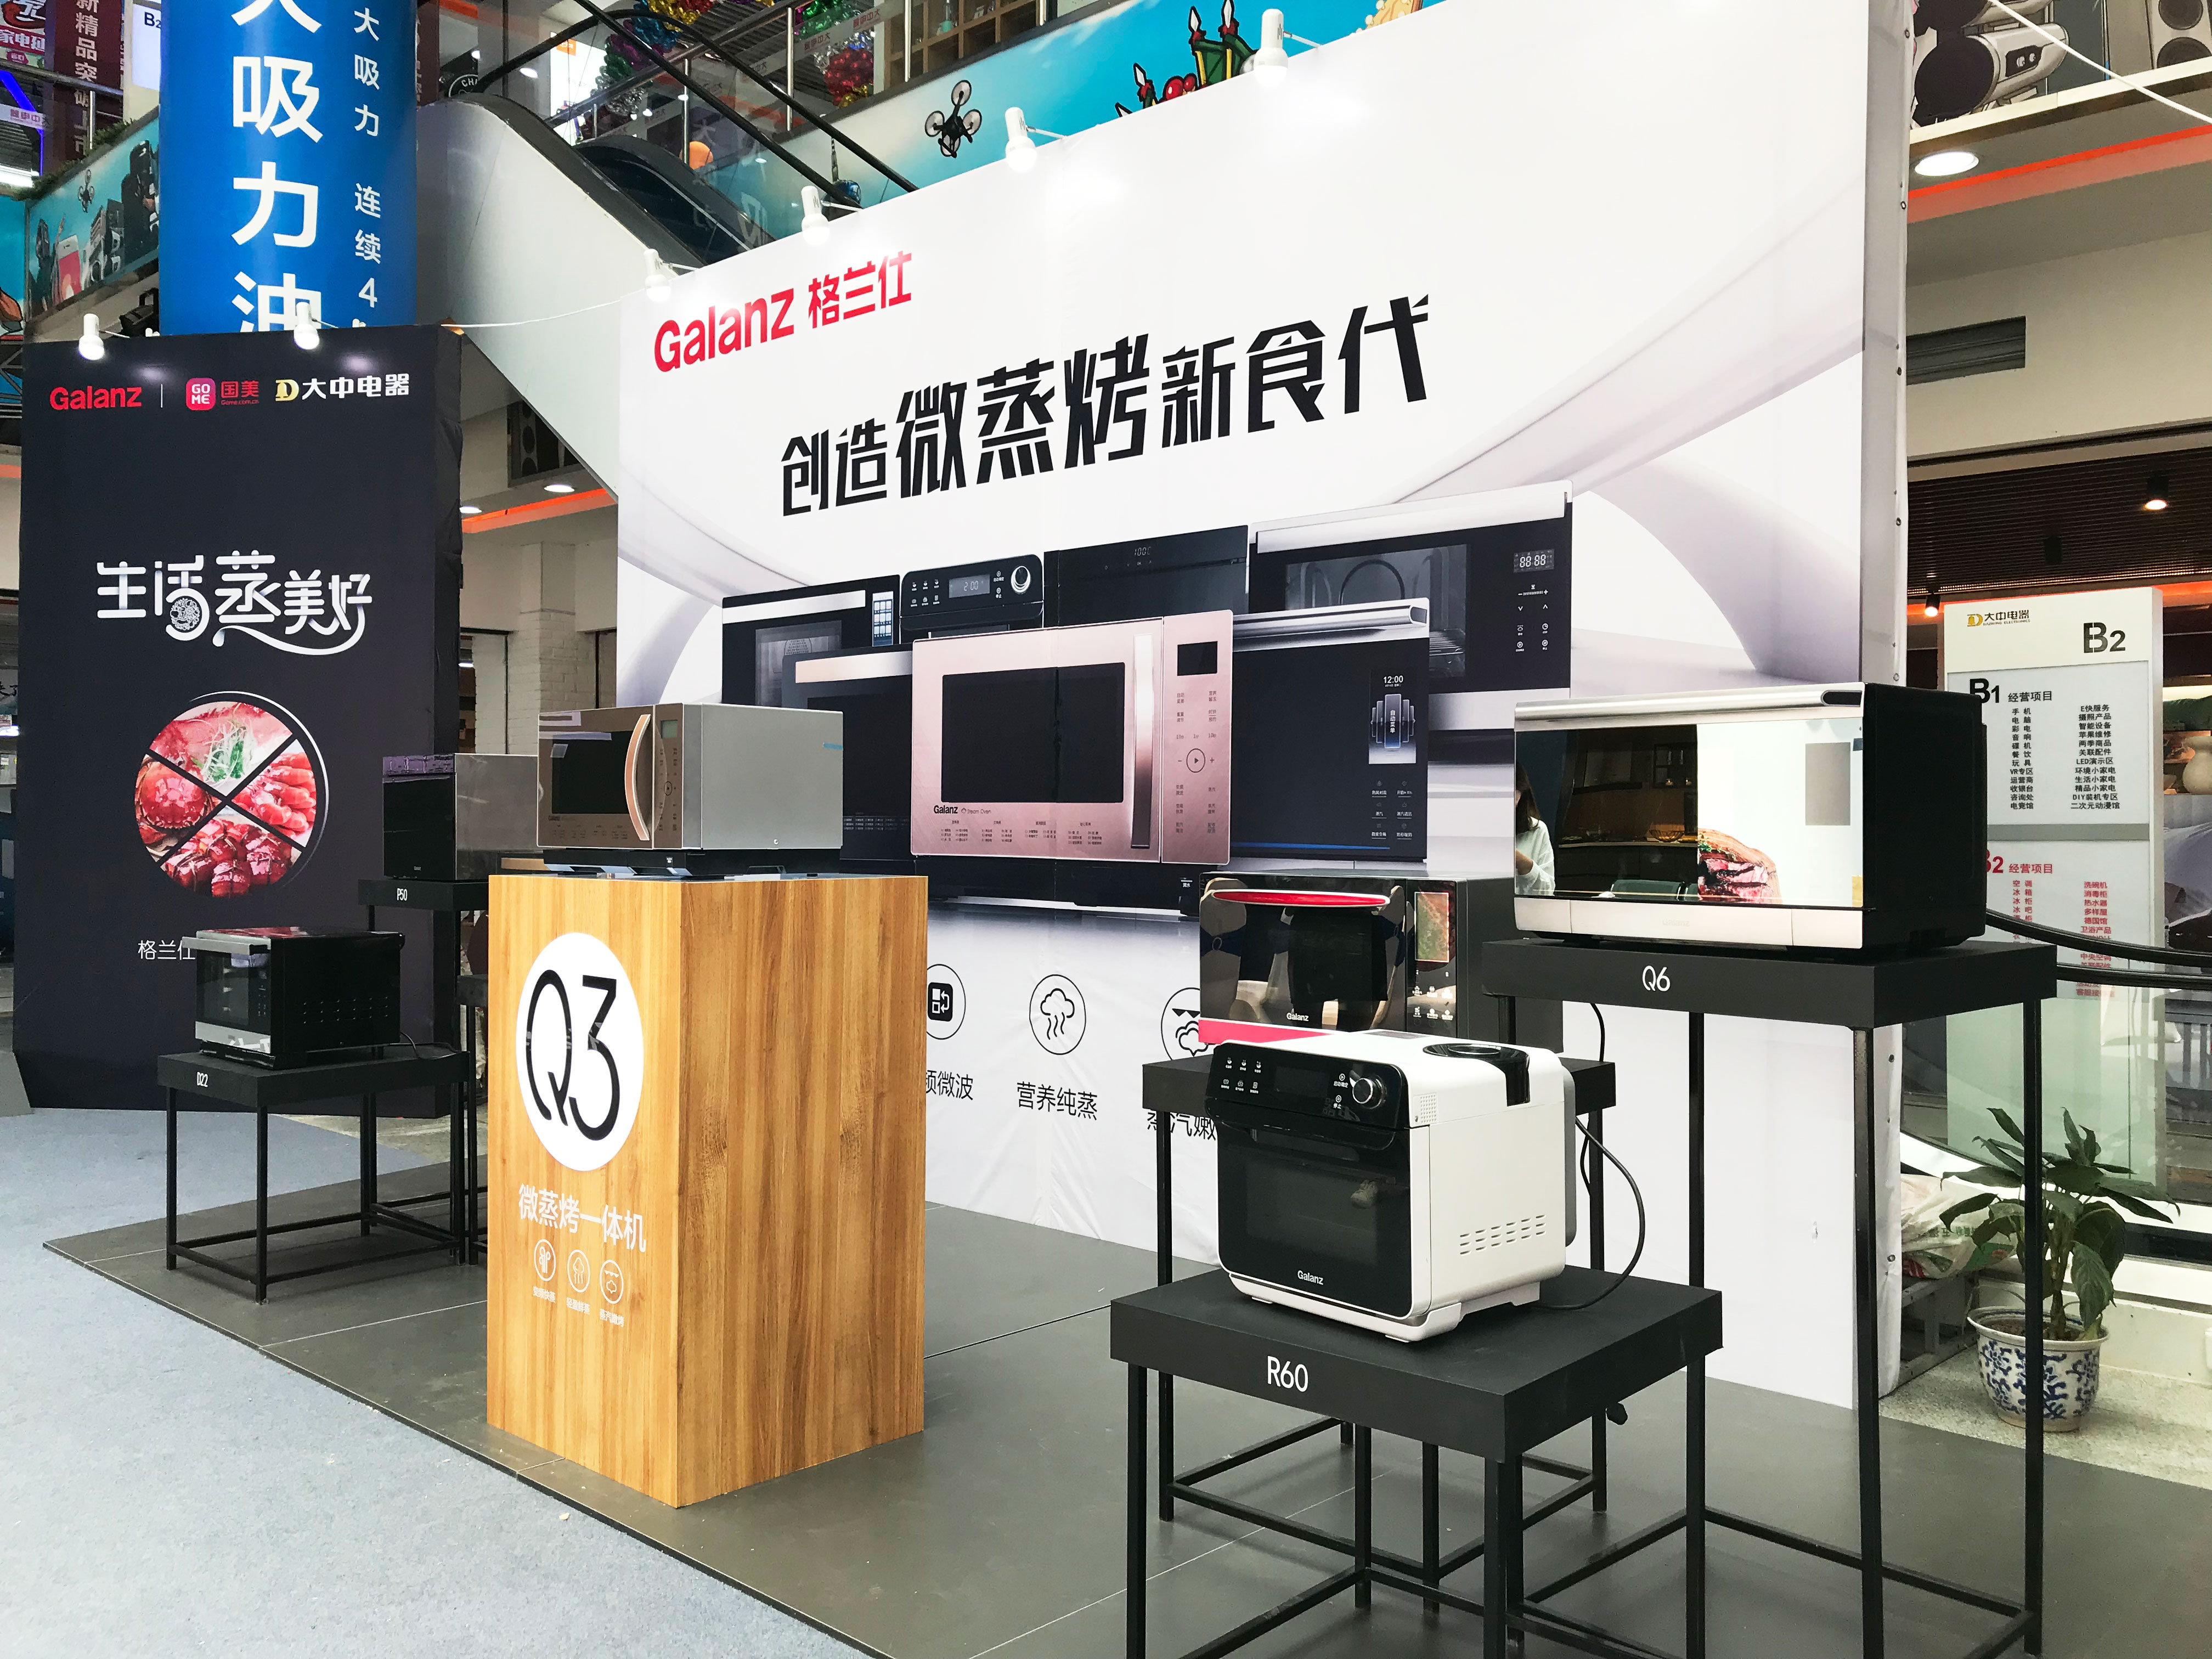 """国民家电""""蒸科技""""升级品质生活 格兰仕国美携手发布微蒸烤一体机Q3"""